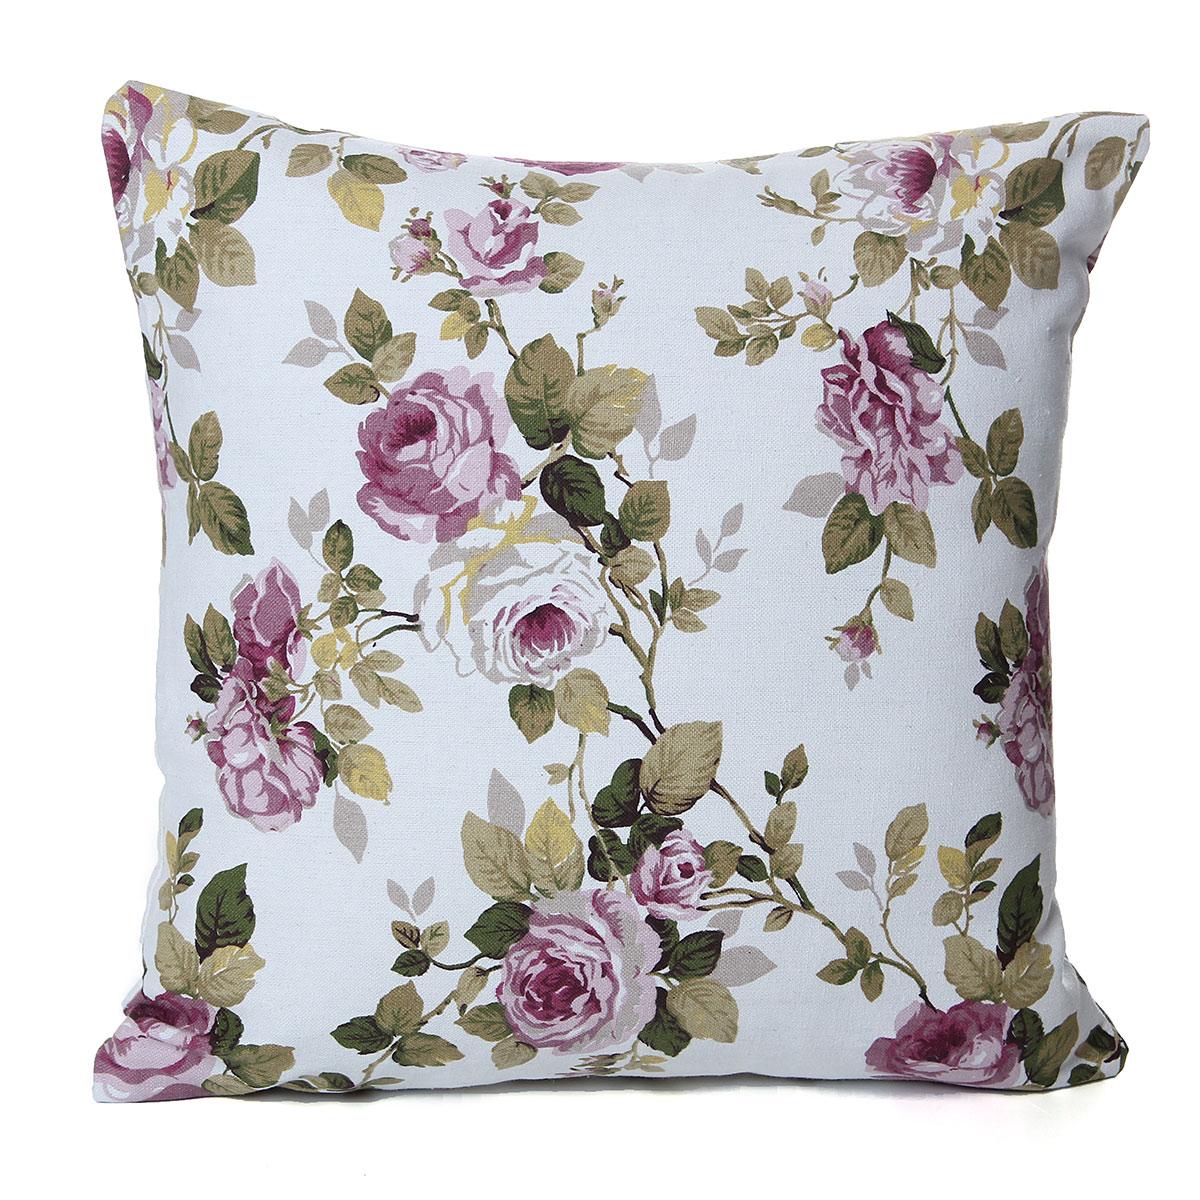 Housse de coussin taie d 39 oreiller canap imprim motif fleur rosier carr maison ebay - Housse coussin de canape ...